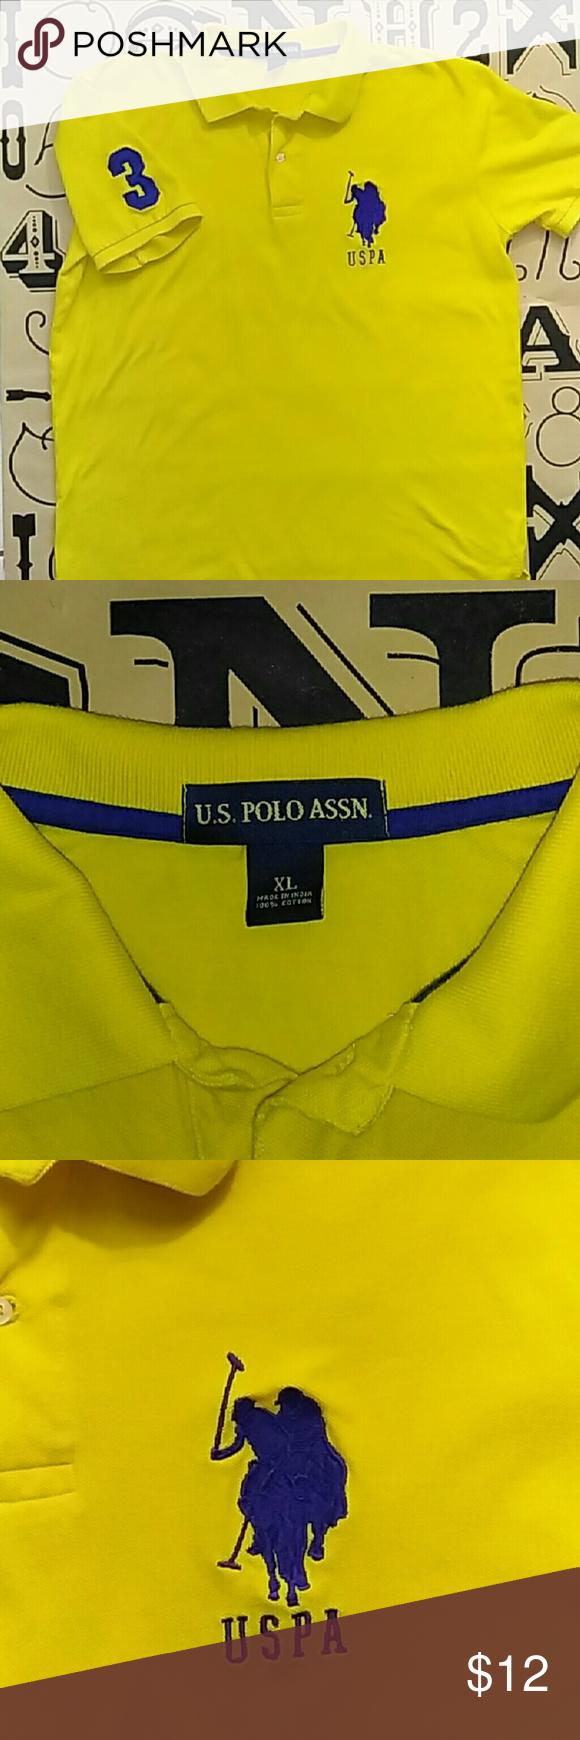 U.S Polo Ass. polo shirt Gently used U.S Polo Ass.  Polo shirt size XL U.S. Polo Assn. Shirts Polos